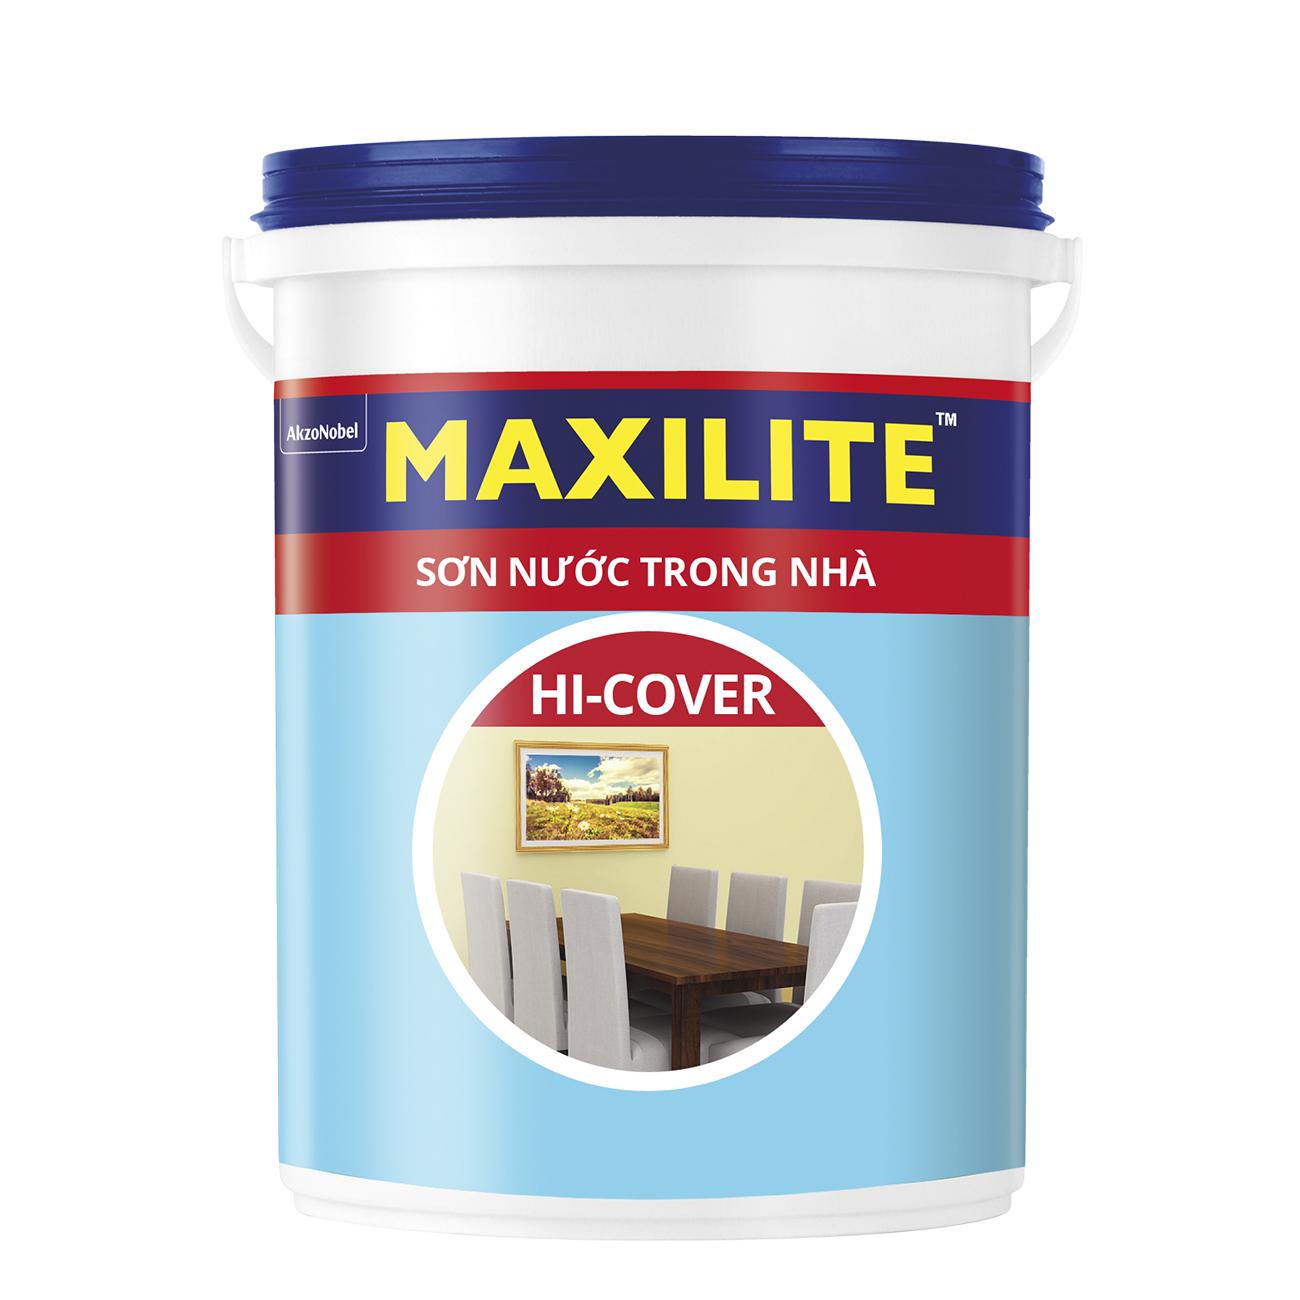 SƠN NƯỚC TRONG NHÀ MAXILITE HI-COVER 18 LÍT